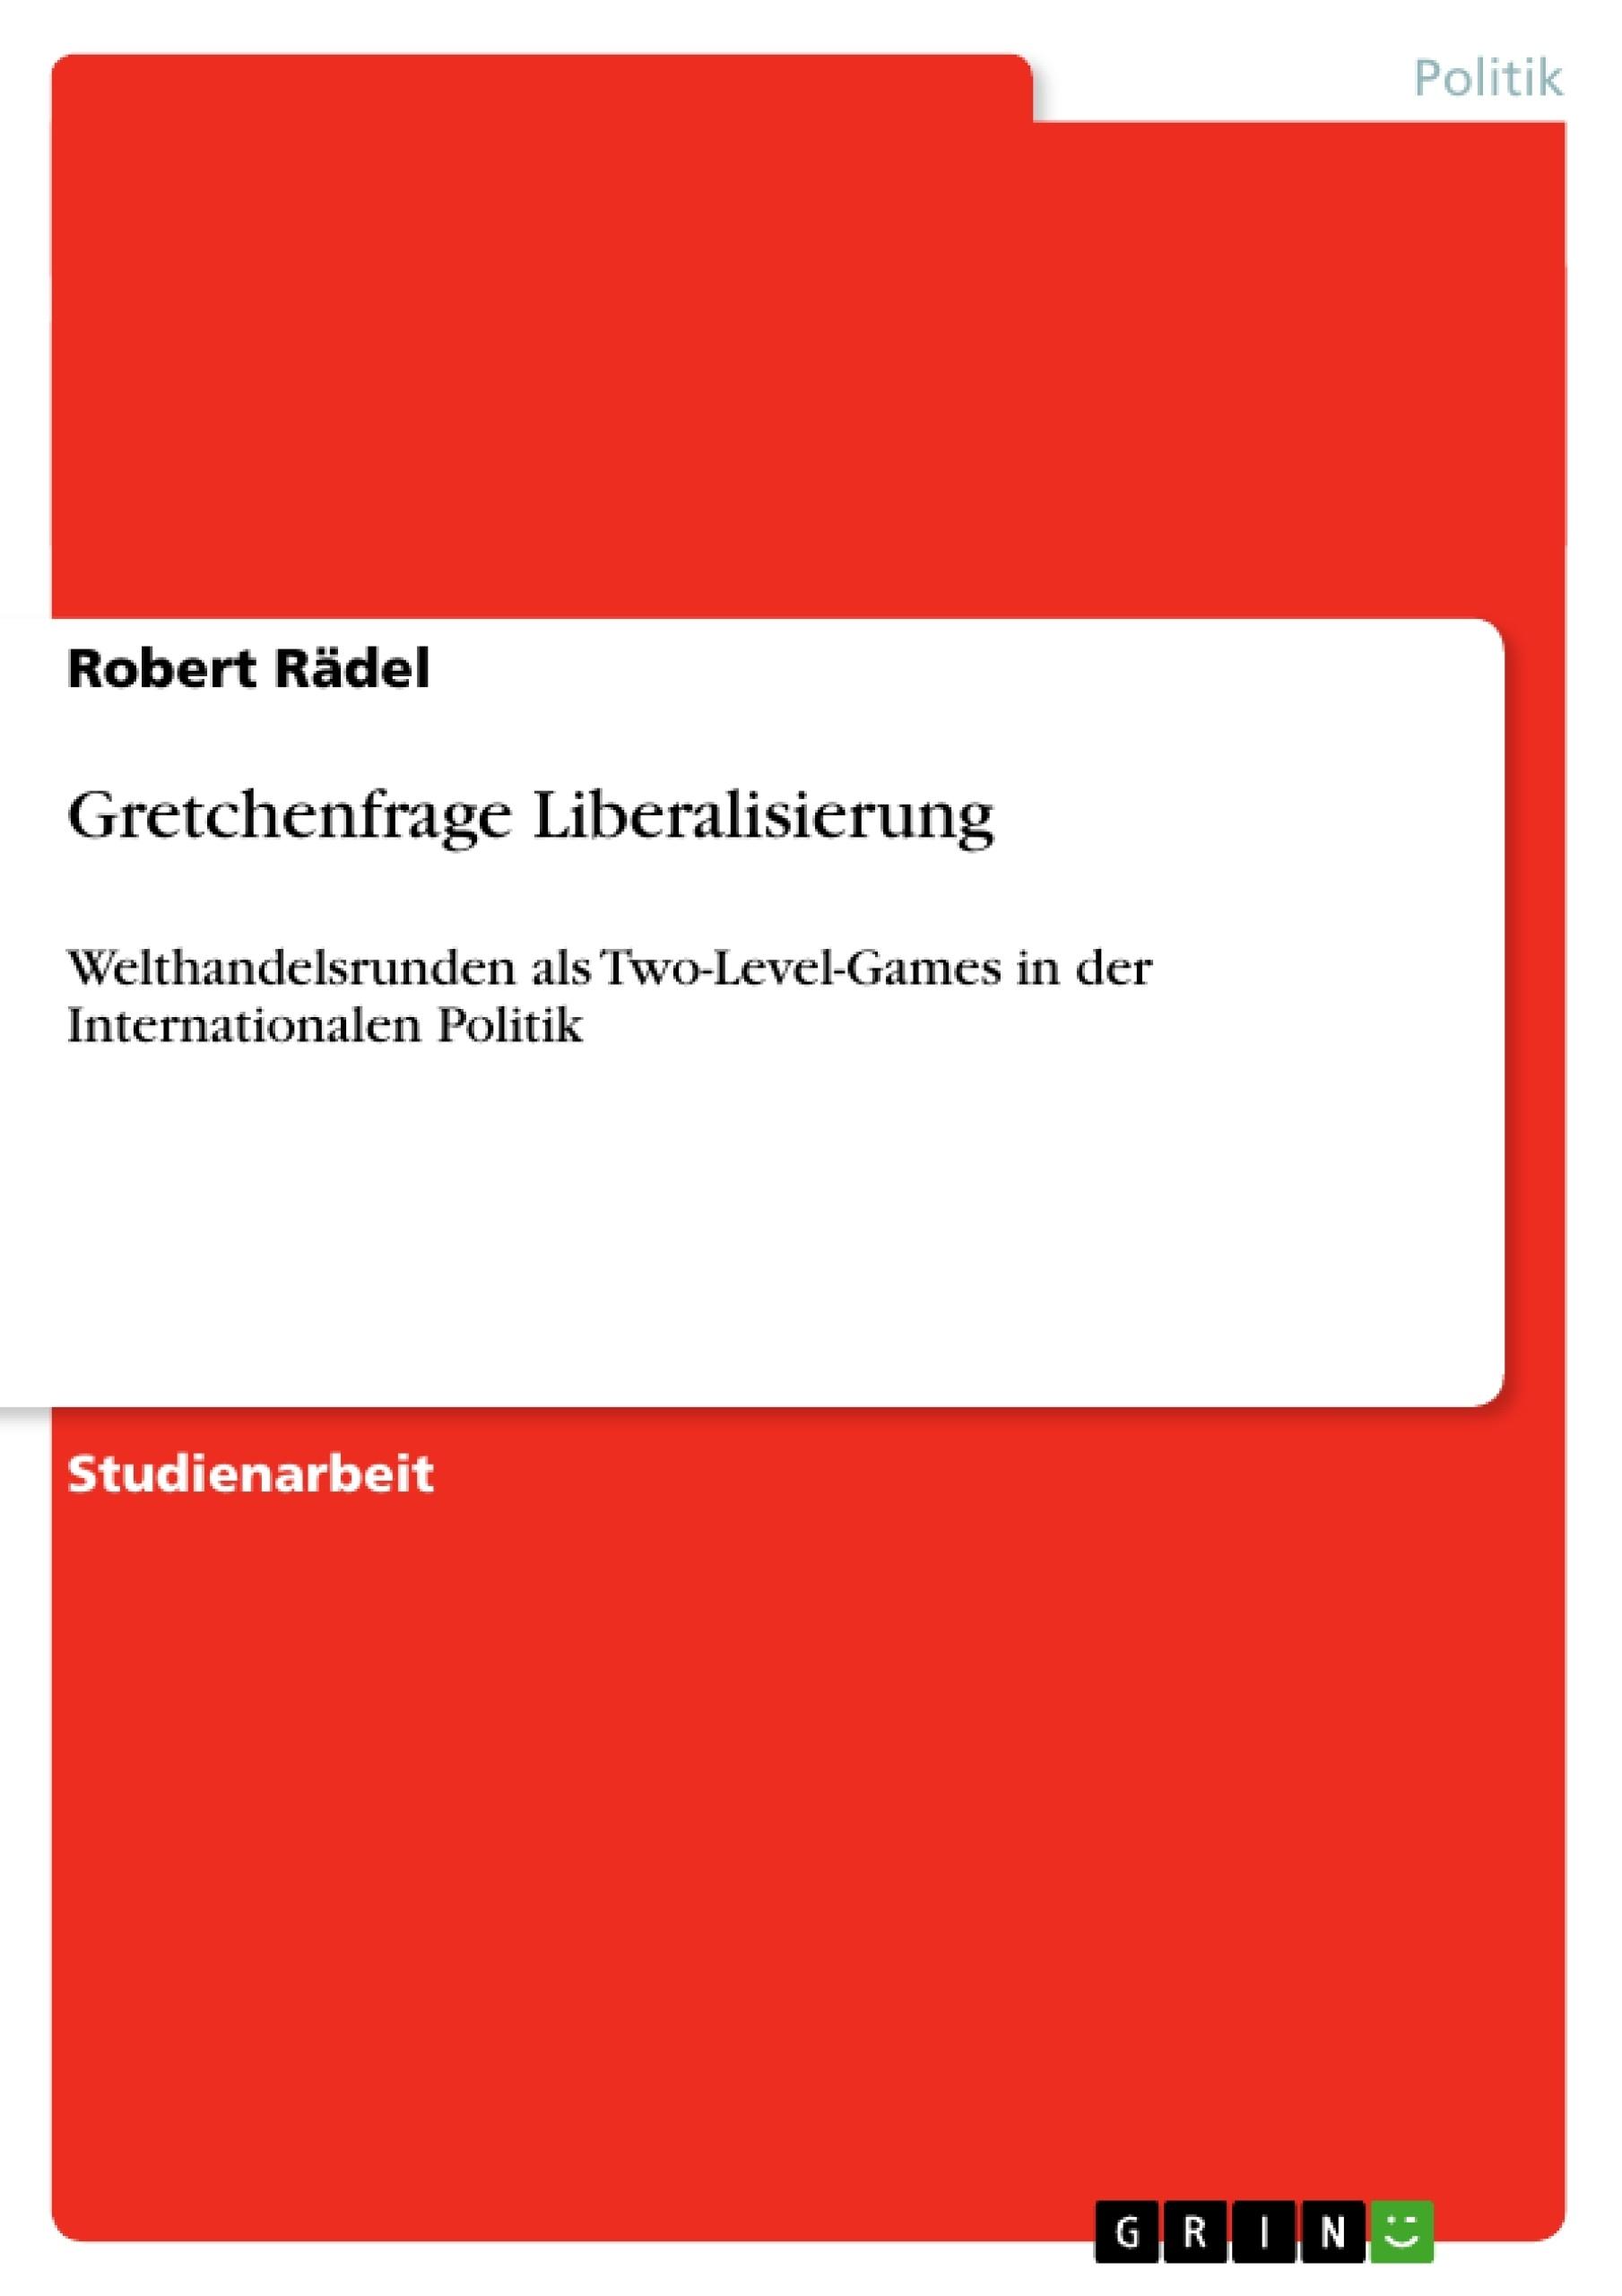 Titel: Gretchenfrage Liberalisierung